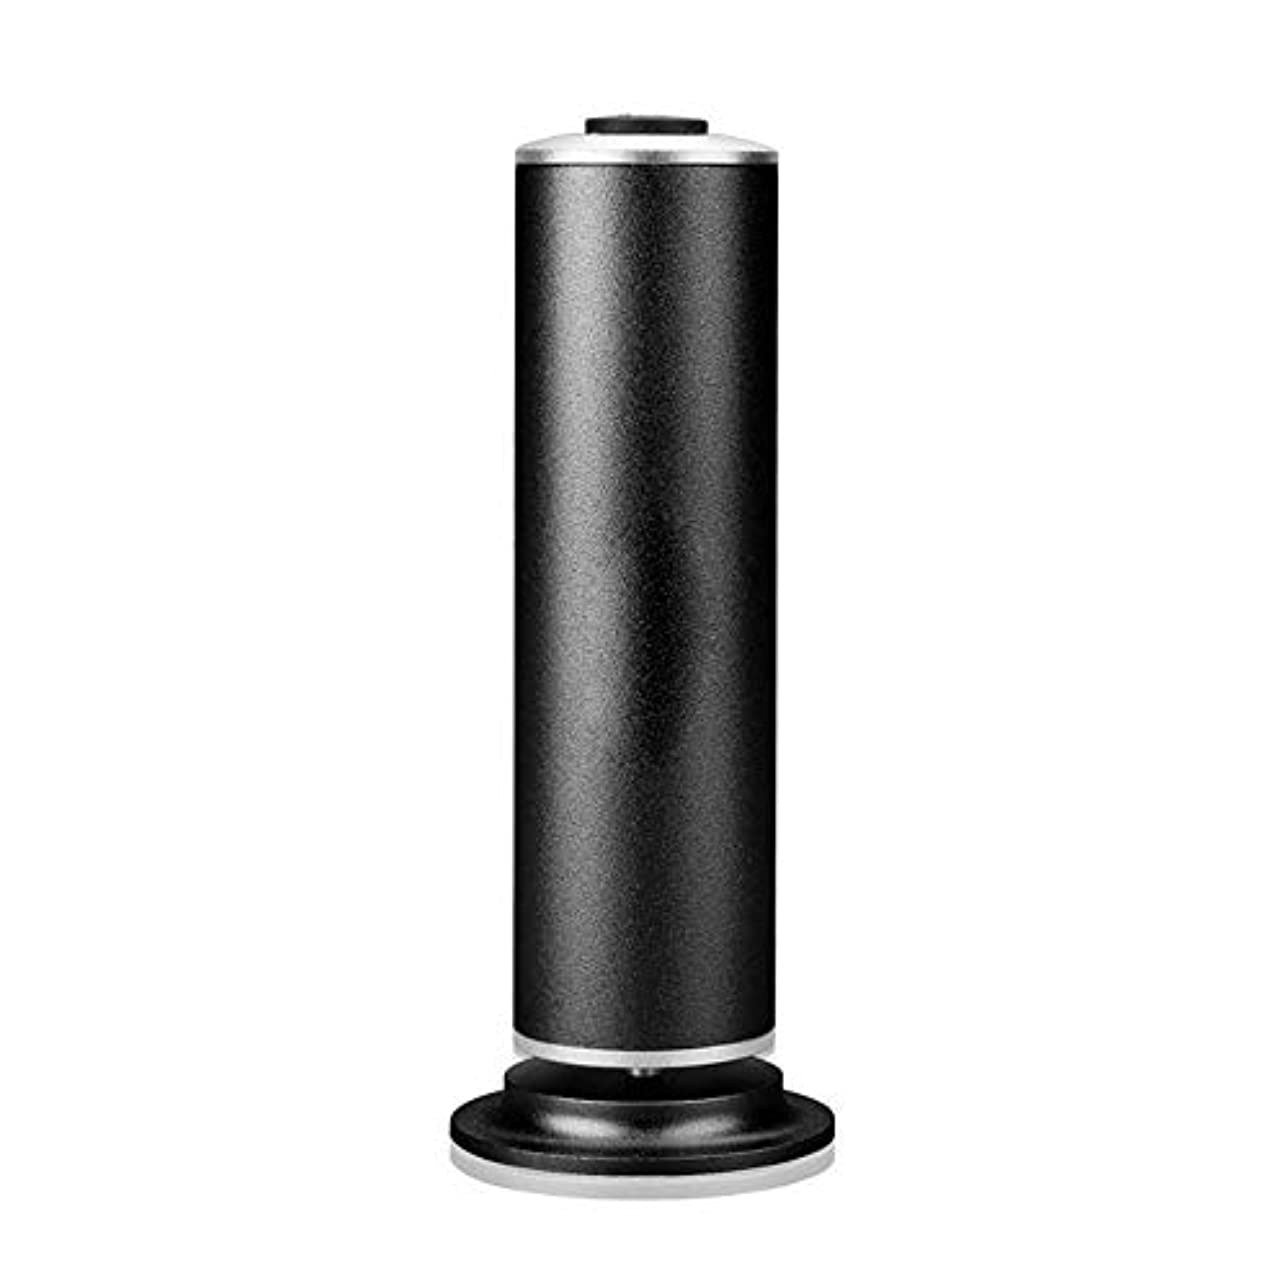 追放石油許可する電気足カルスリムーバープロフェッショナルペディキュア電子フットファイルツール高速削除乾いたハードとひびの入った肌 ペディキュアツール (色 : ブラック, サイズ : 22.5x12.5x5.5cm)